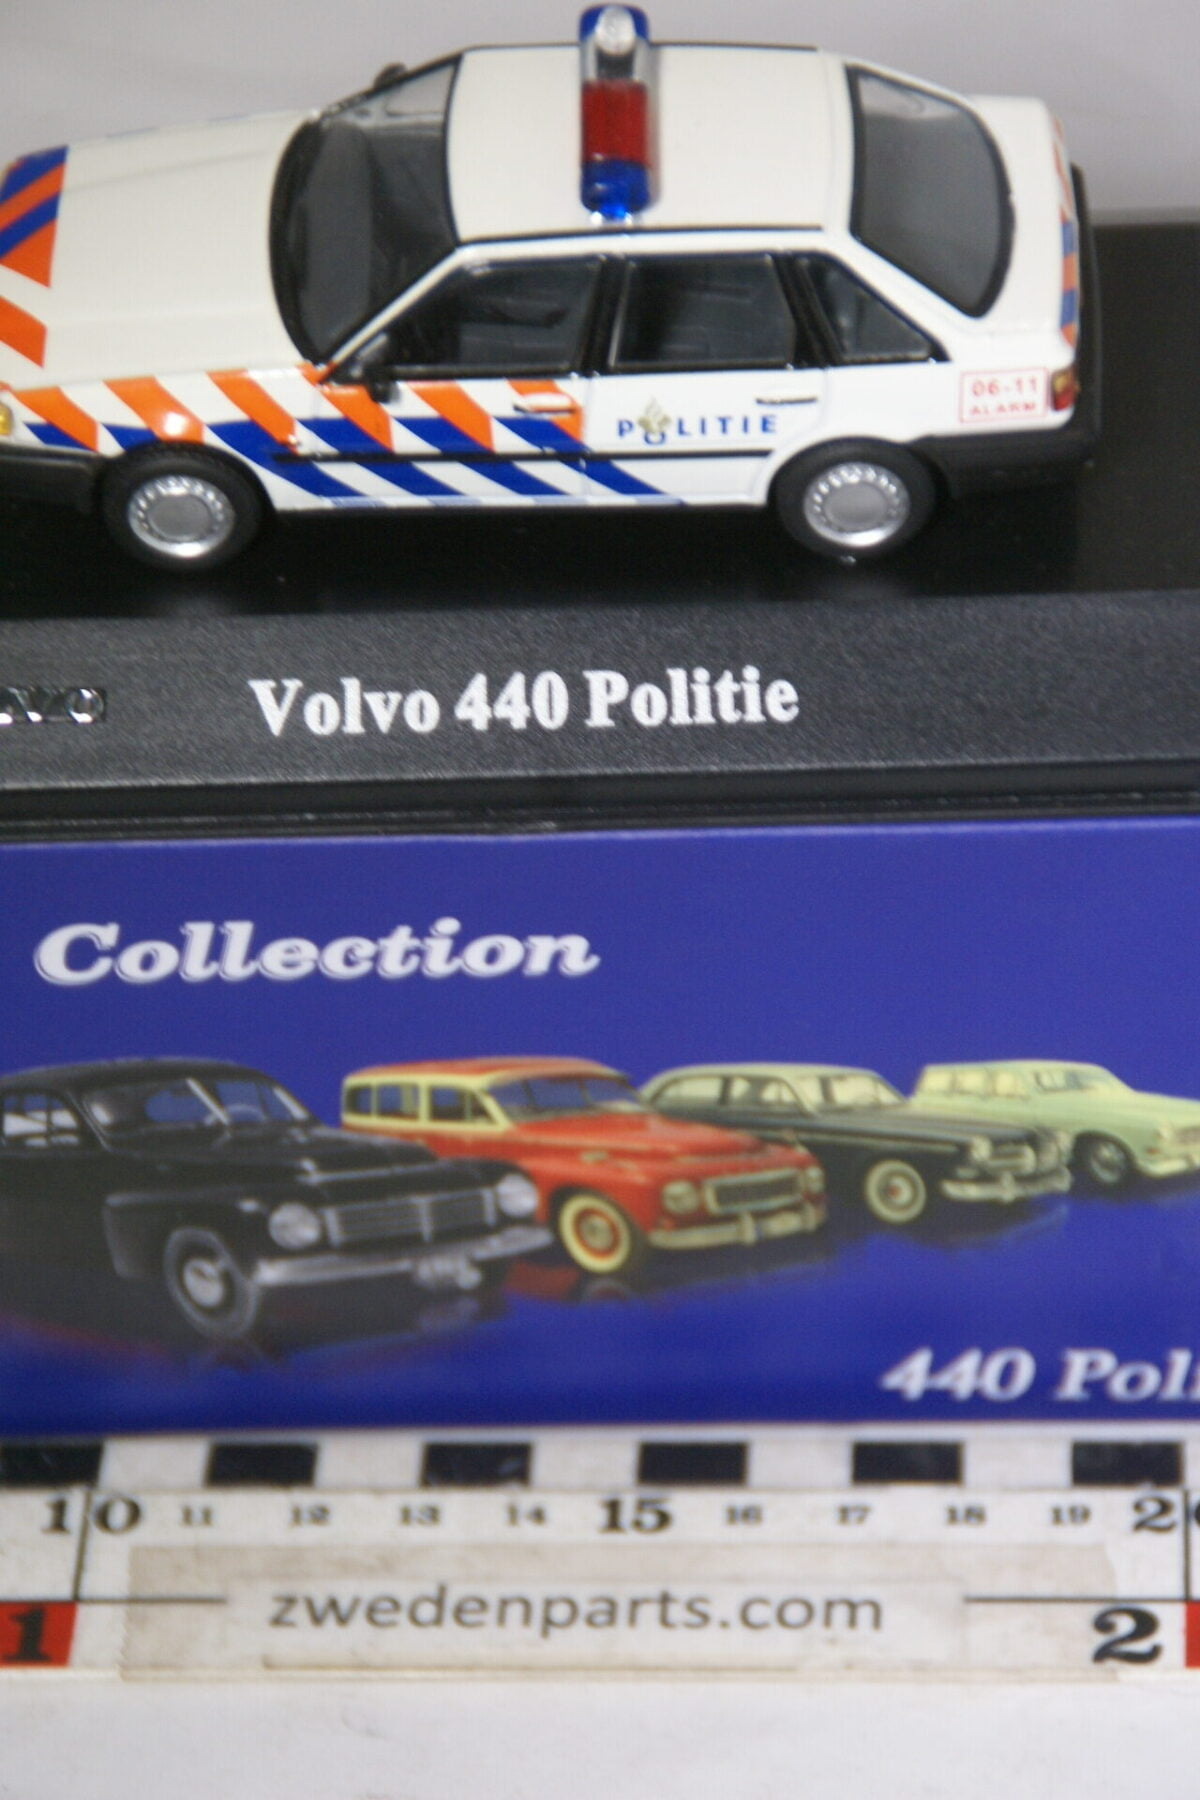 DSC00549 miniatuur Volvo 440 politie NL wit 1op43 Atlas 31 nieuw in originele verpakking-e70d5f10